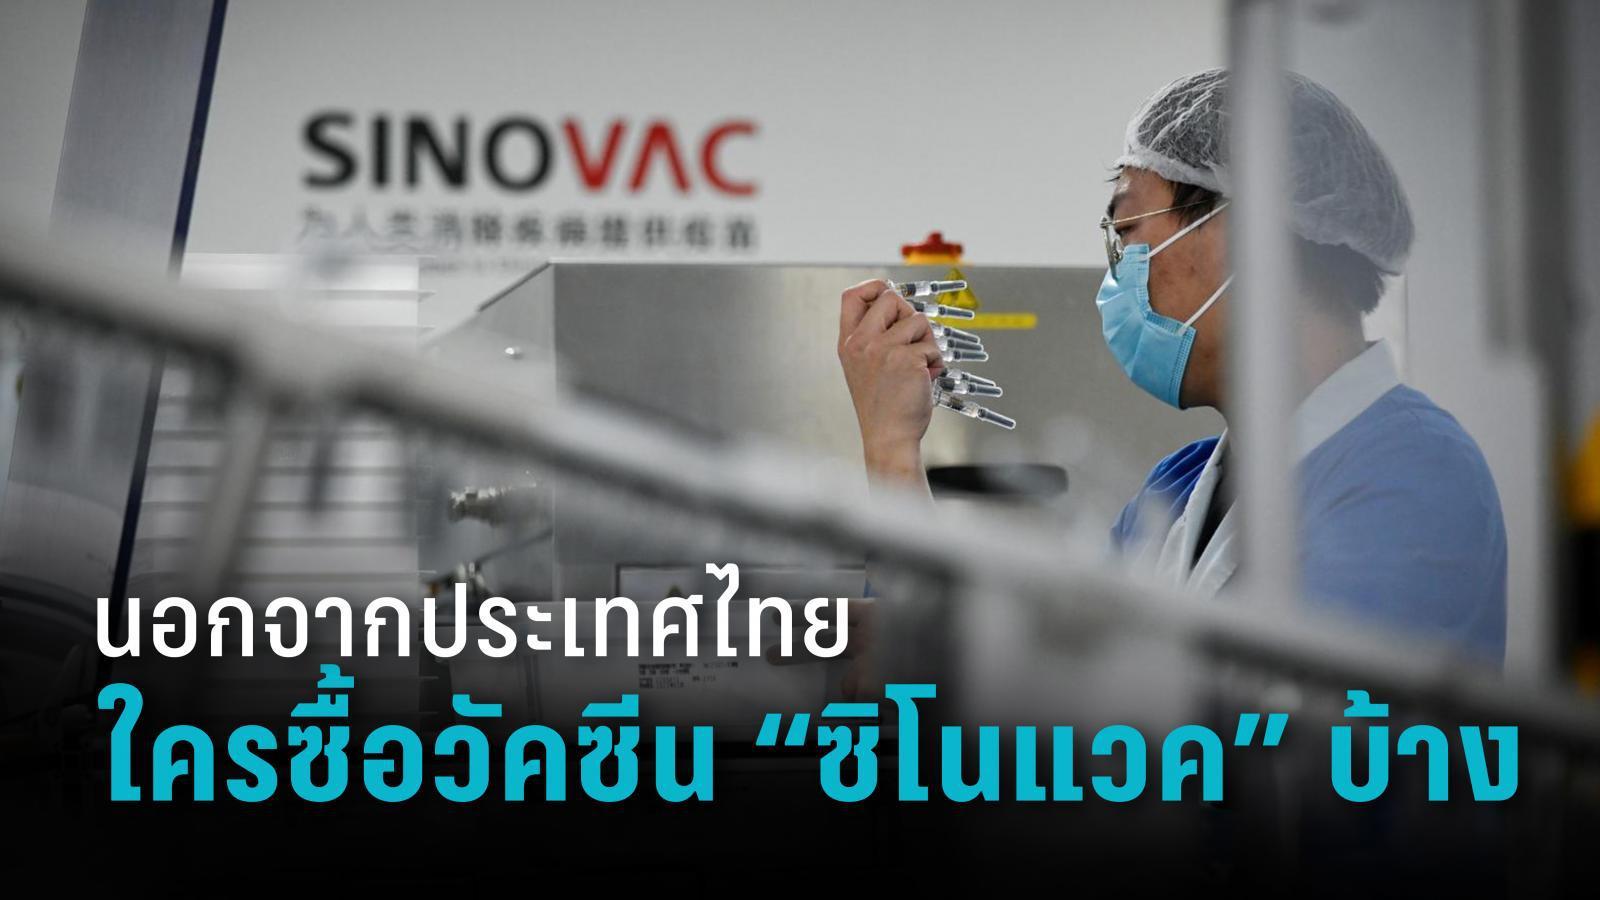 """นอกจากไทย ใครอีกบ้างซื้อวัคซีนโควิด-19 """"ซิโนแวค"""""""